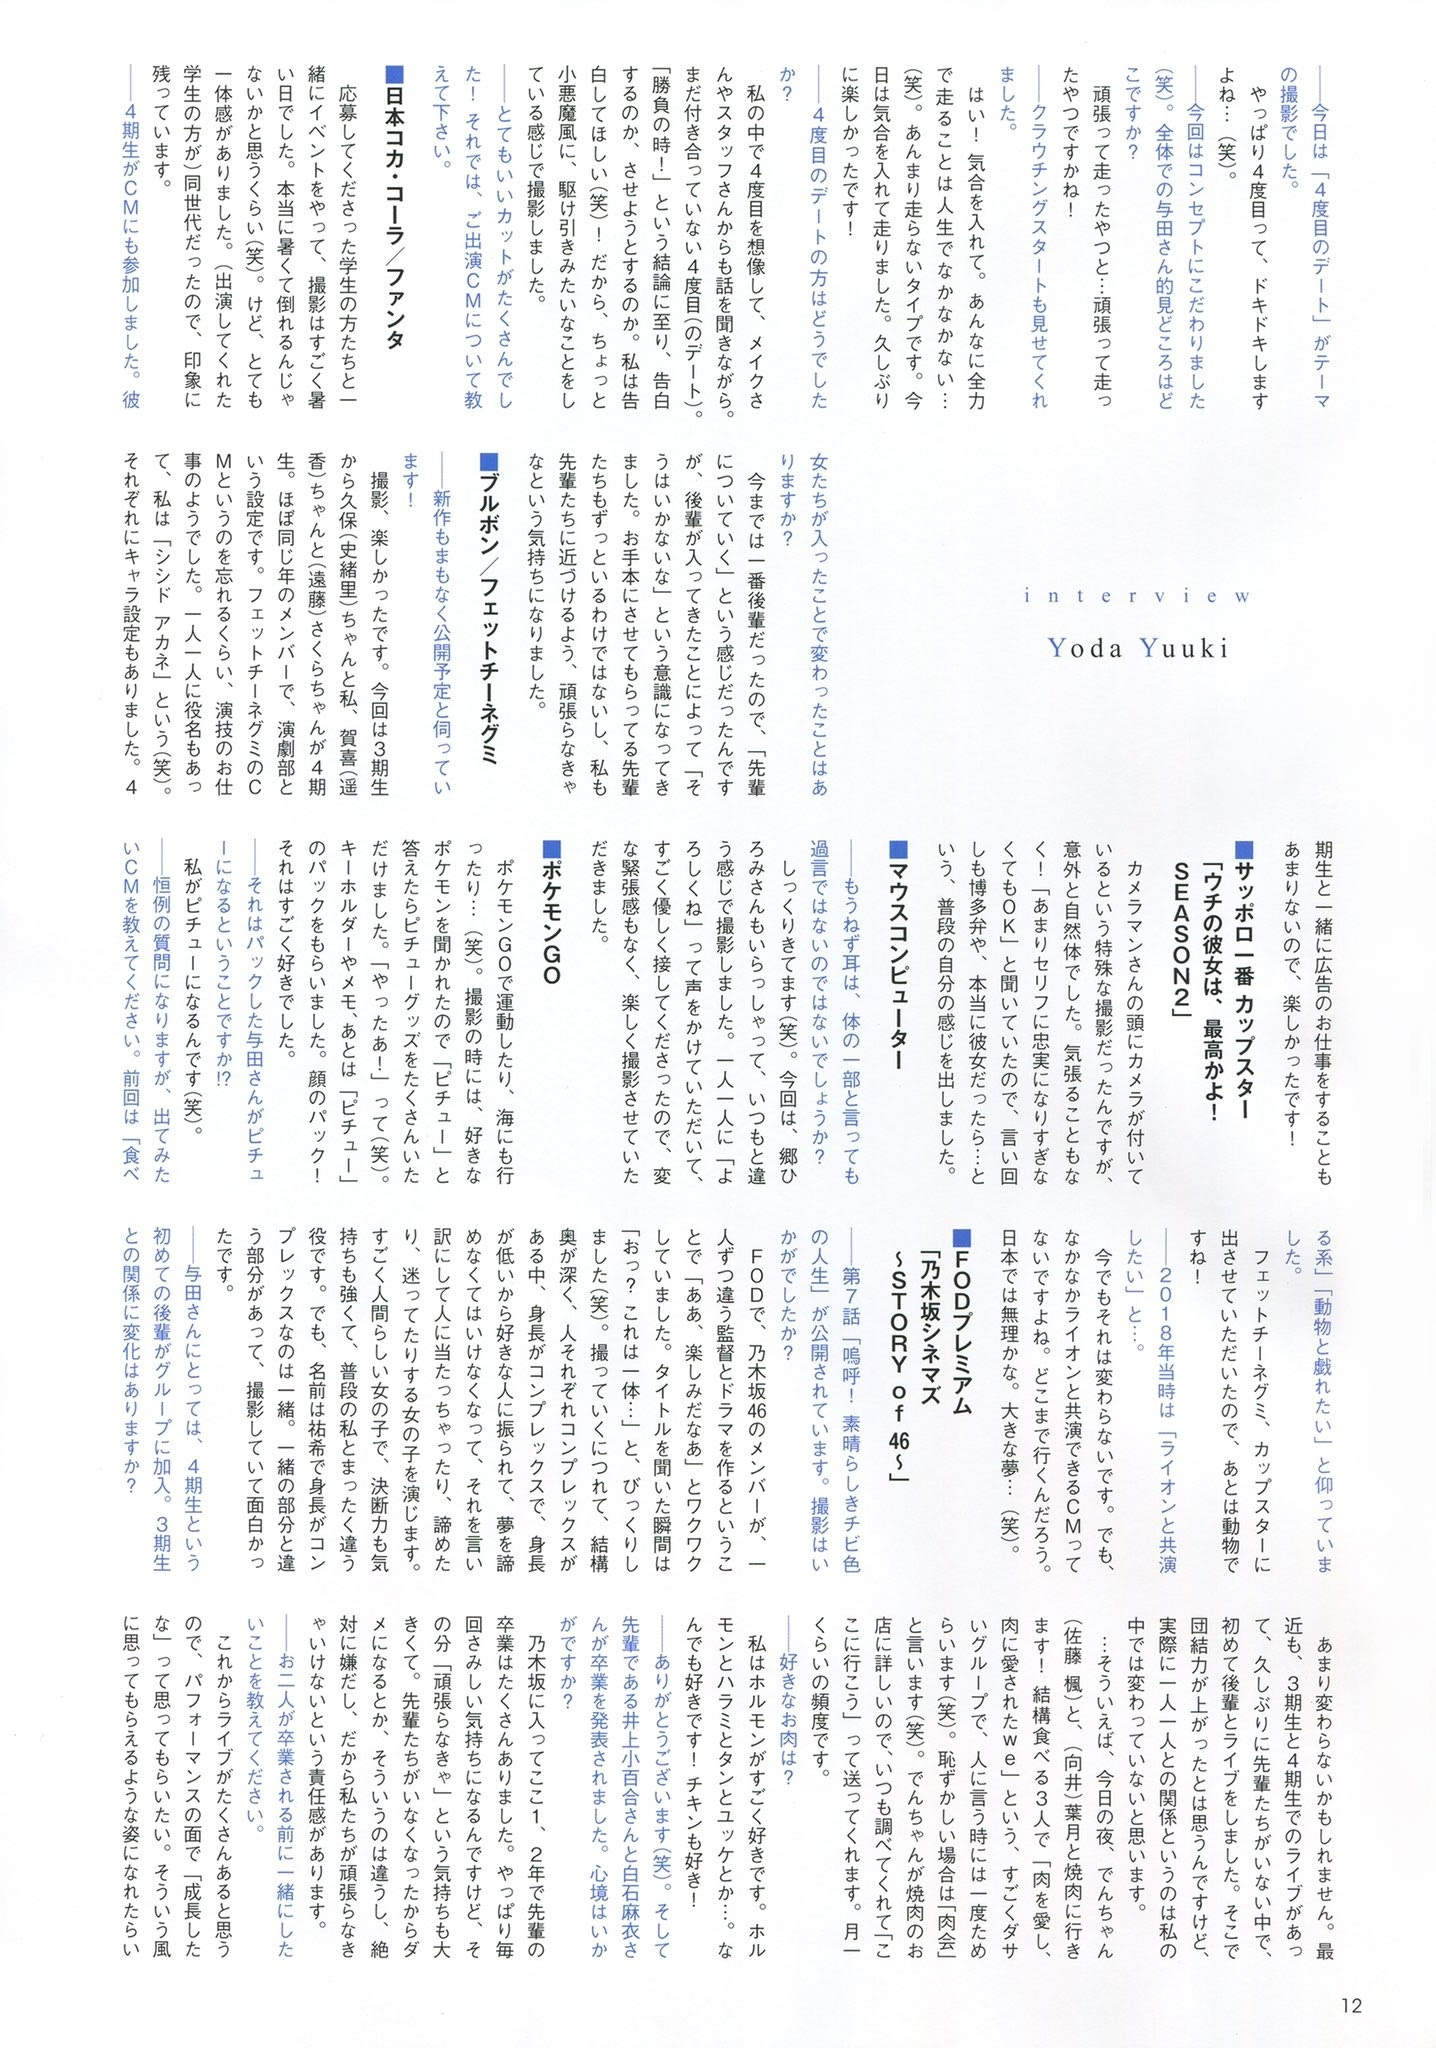 坂道系大合集第十五弹